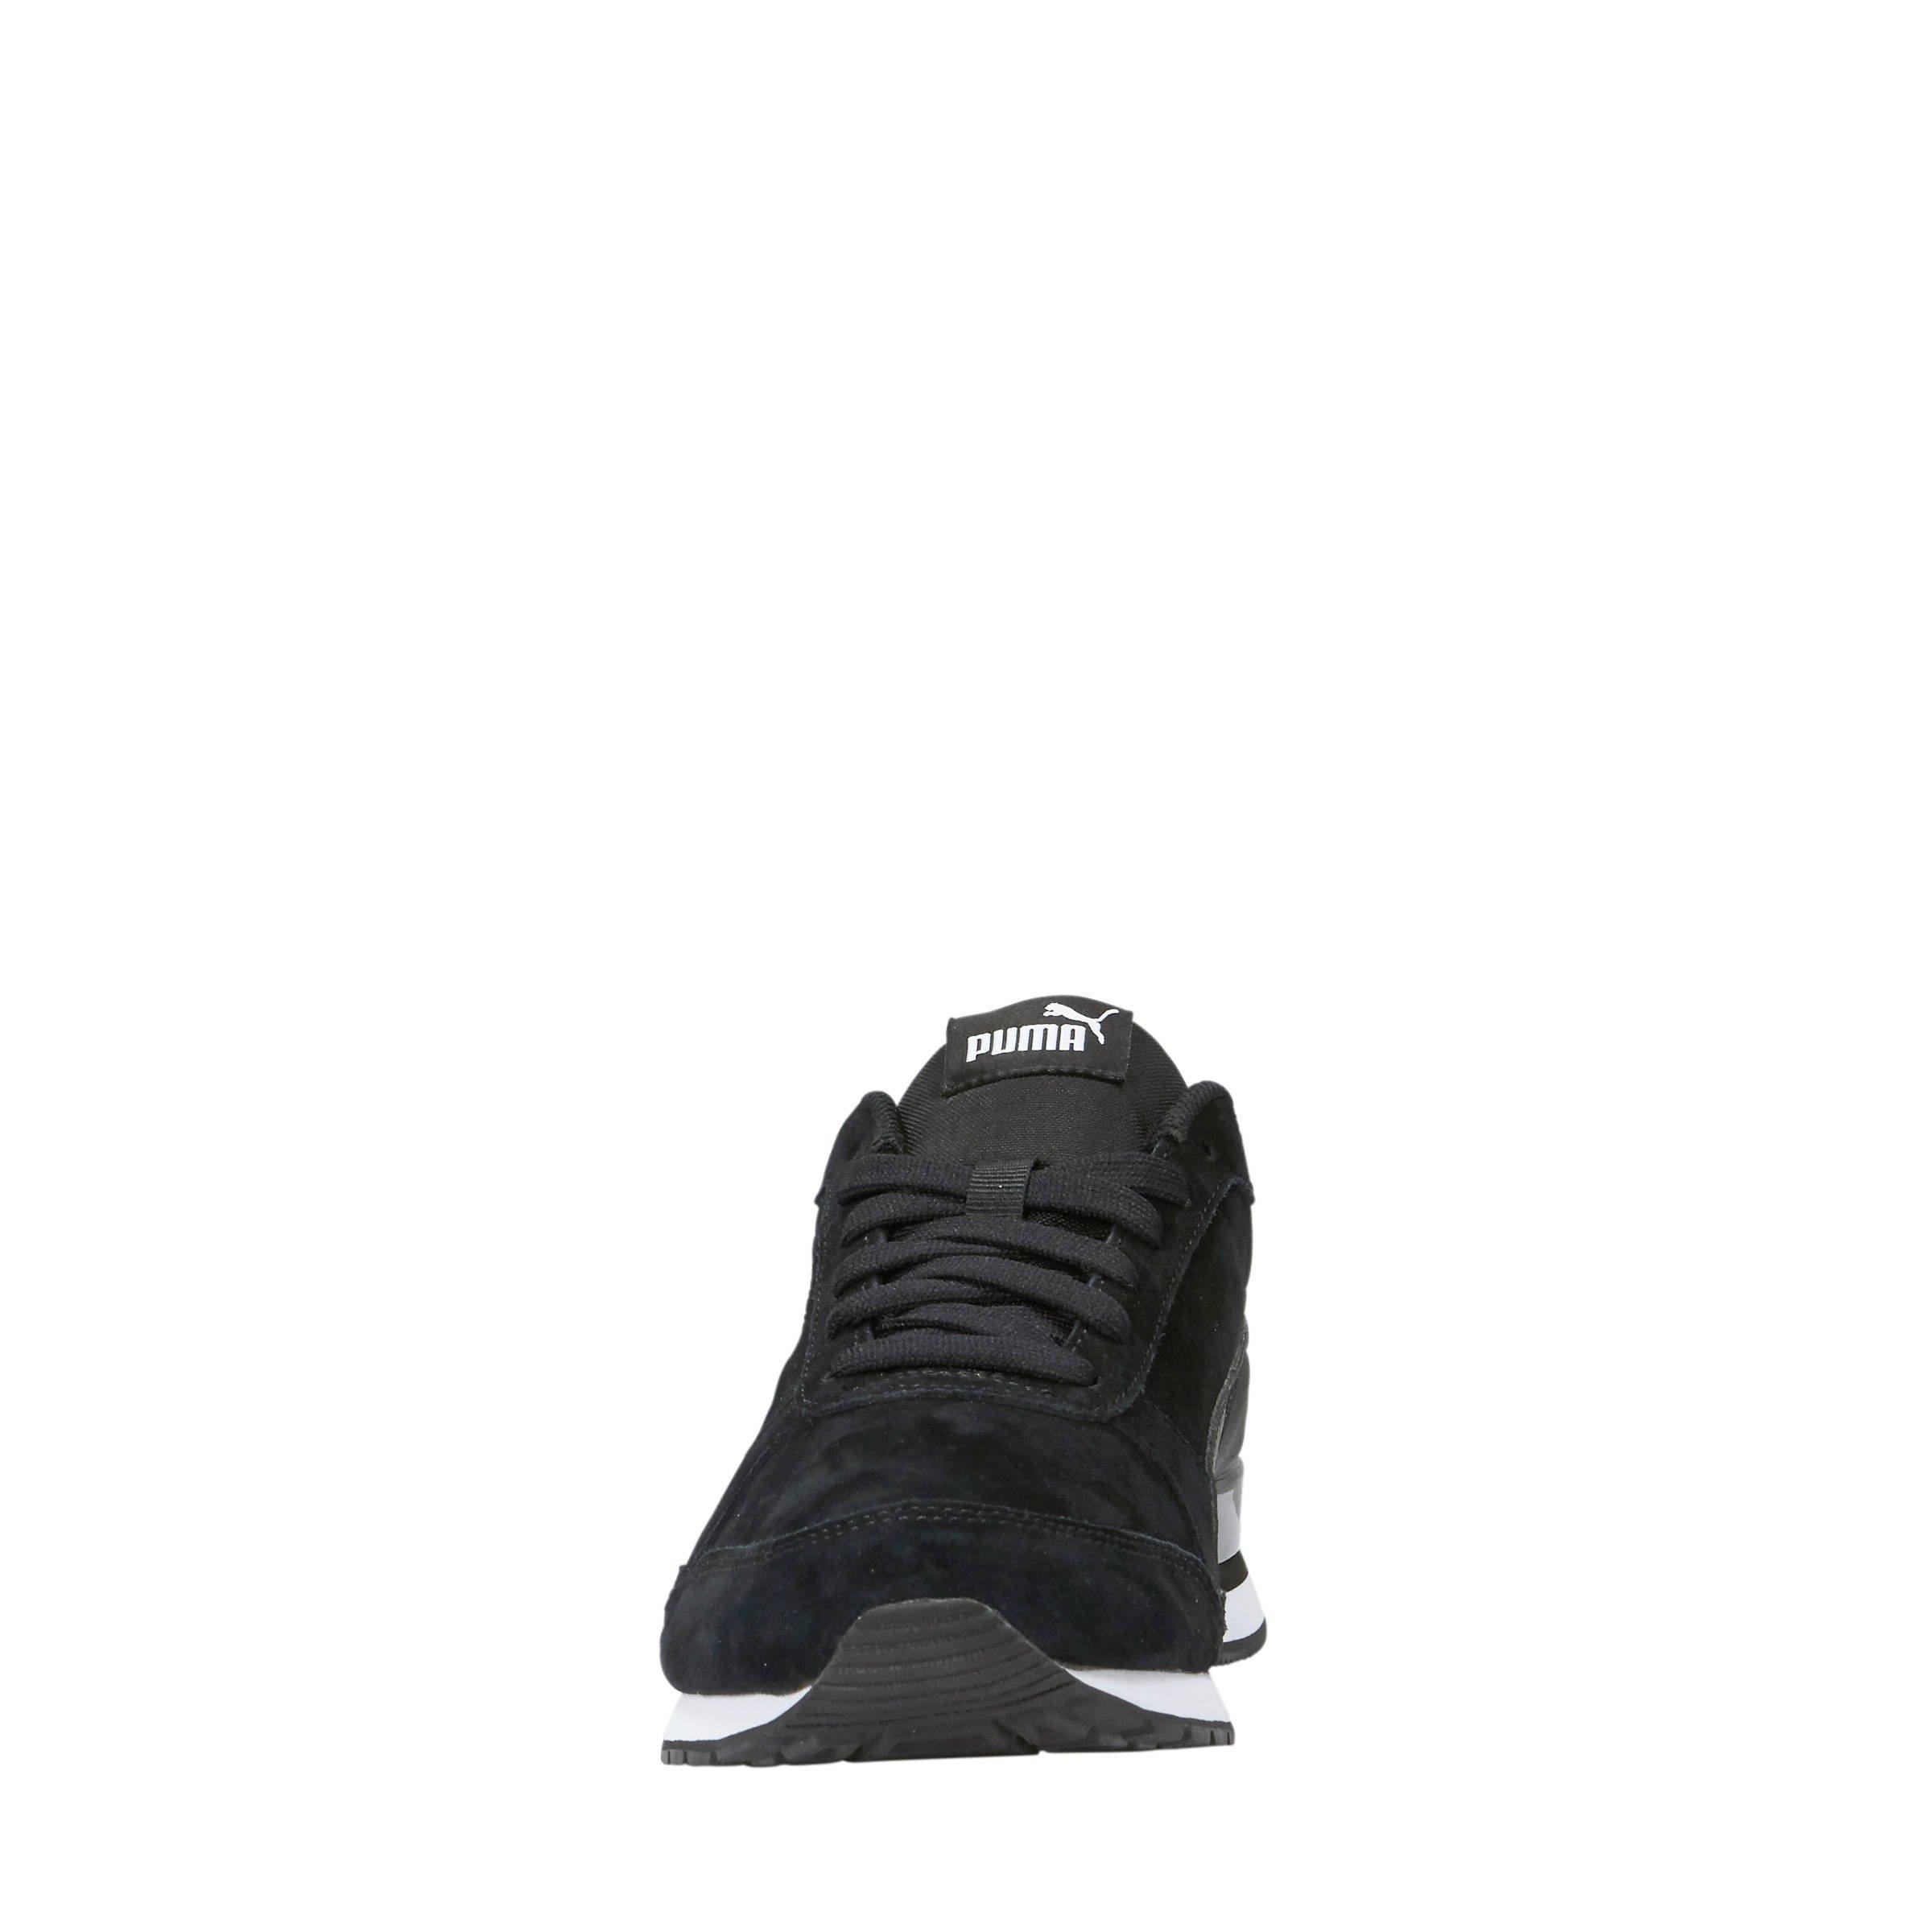 Puma ST Runner V2 SD sneakers zwart | wehkamp